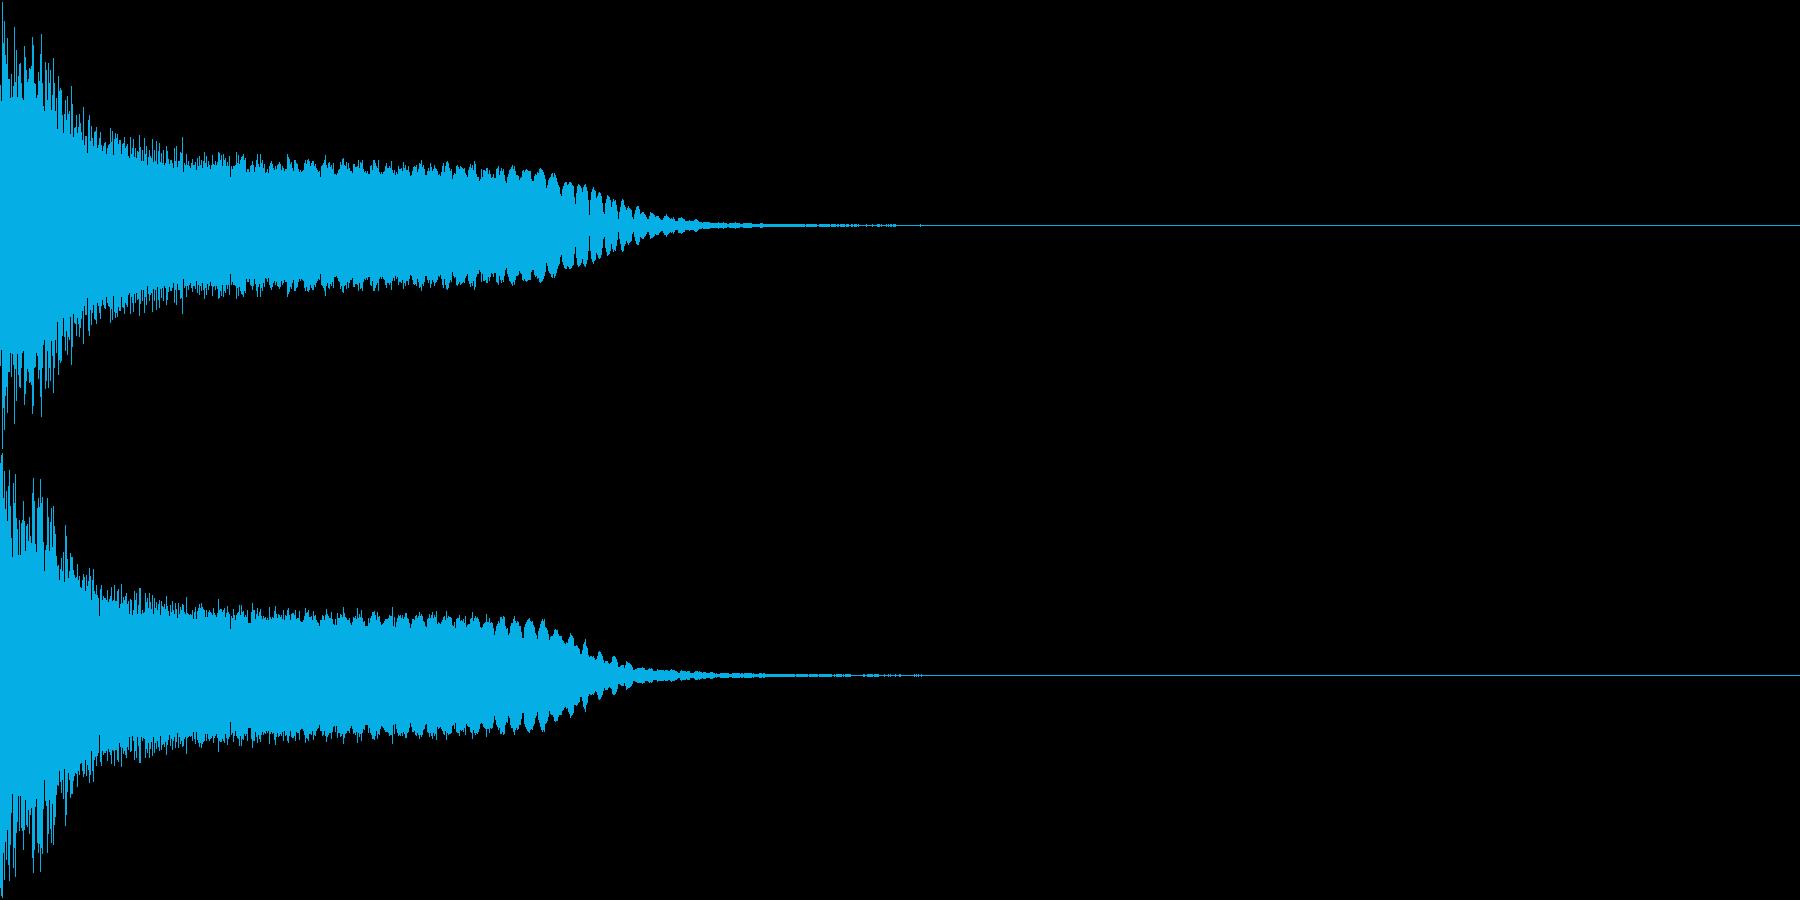 刀 剣 カキーン シャキーン 目立つ23の再生済みの波形